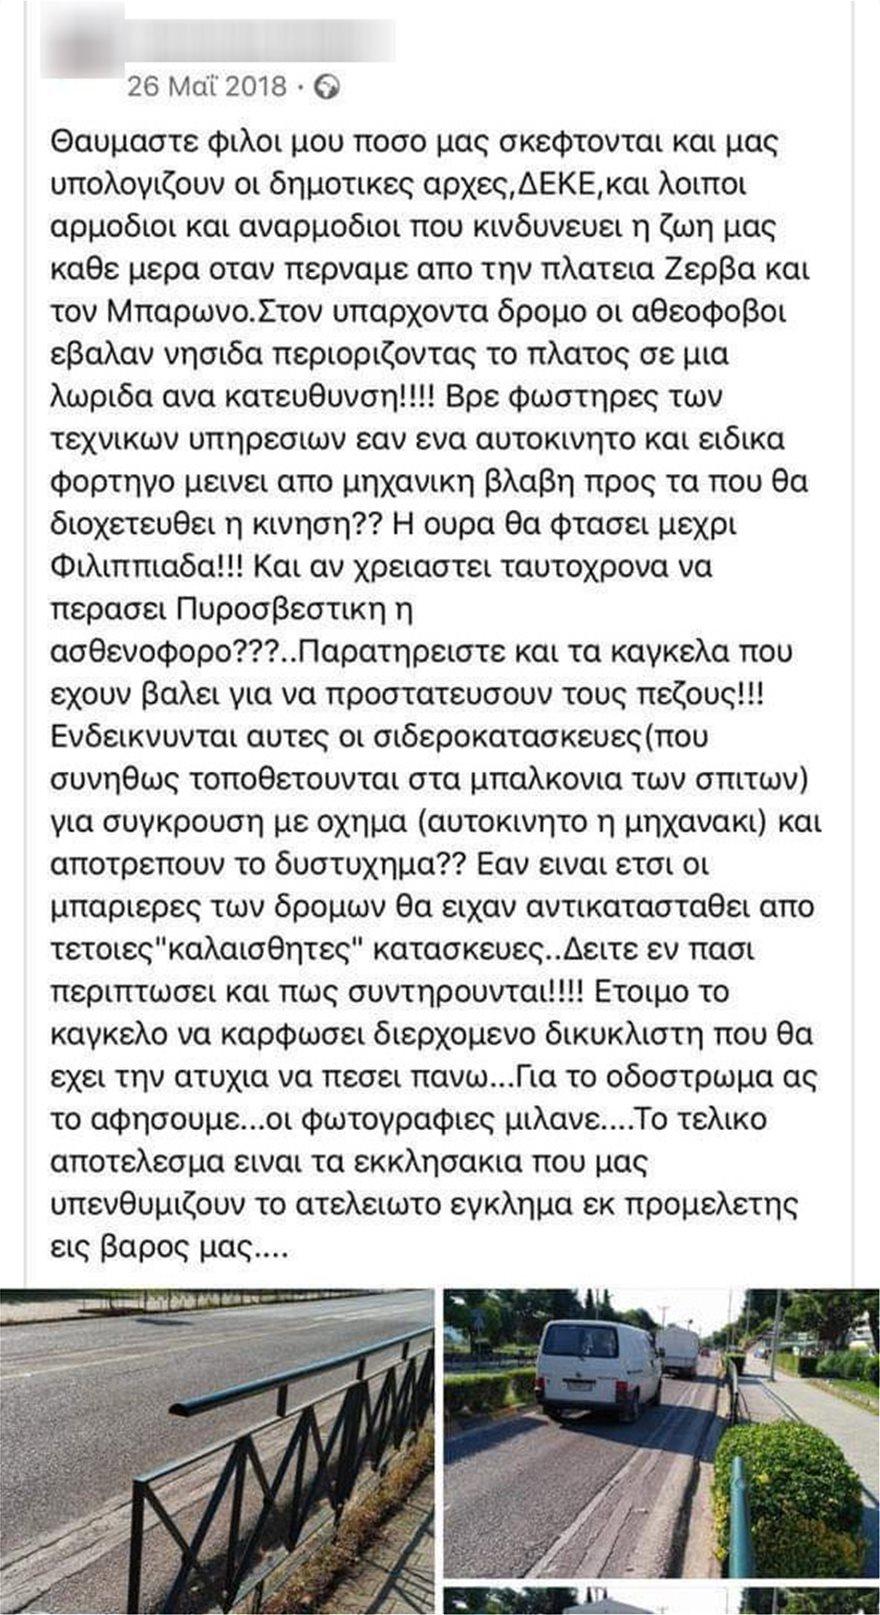 kigklidwmata__2_